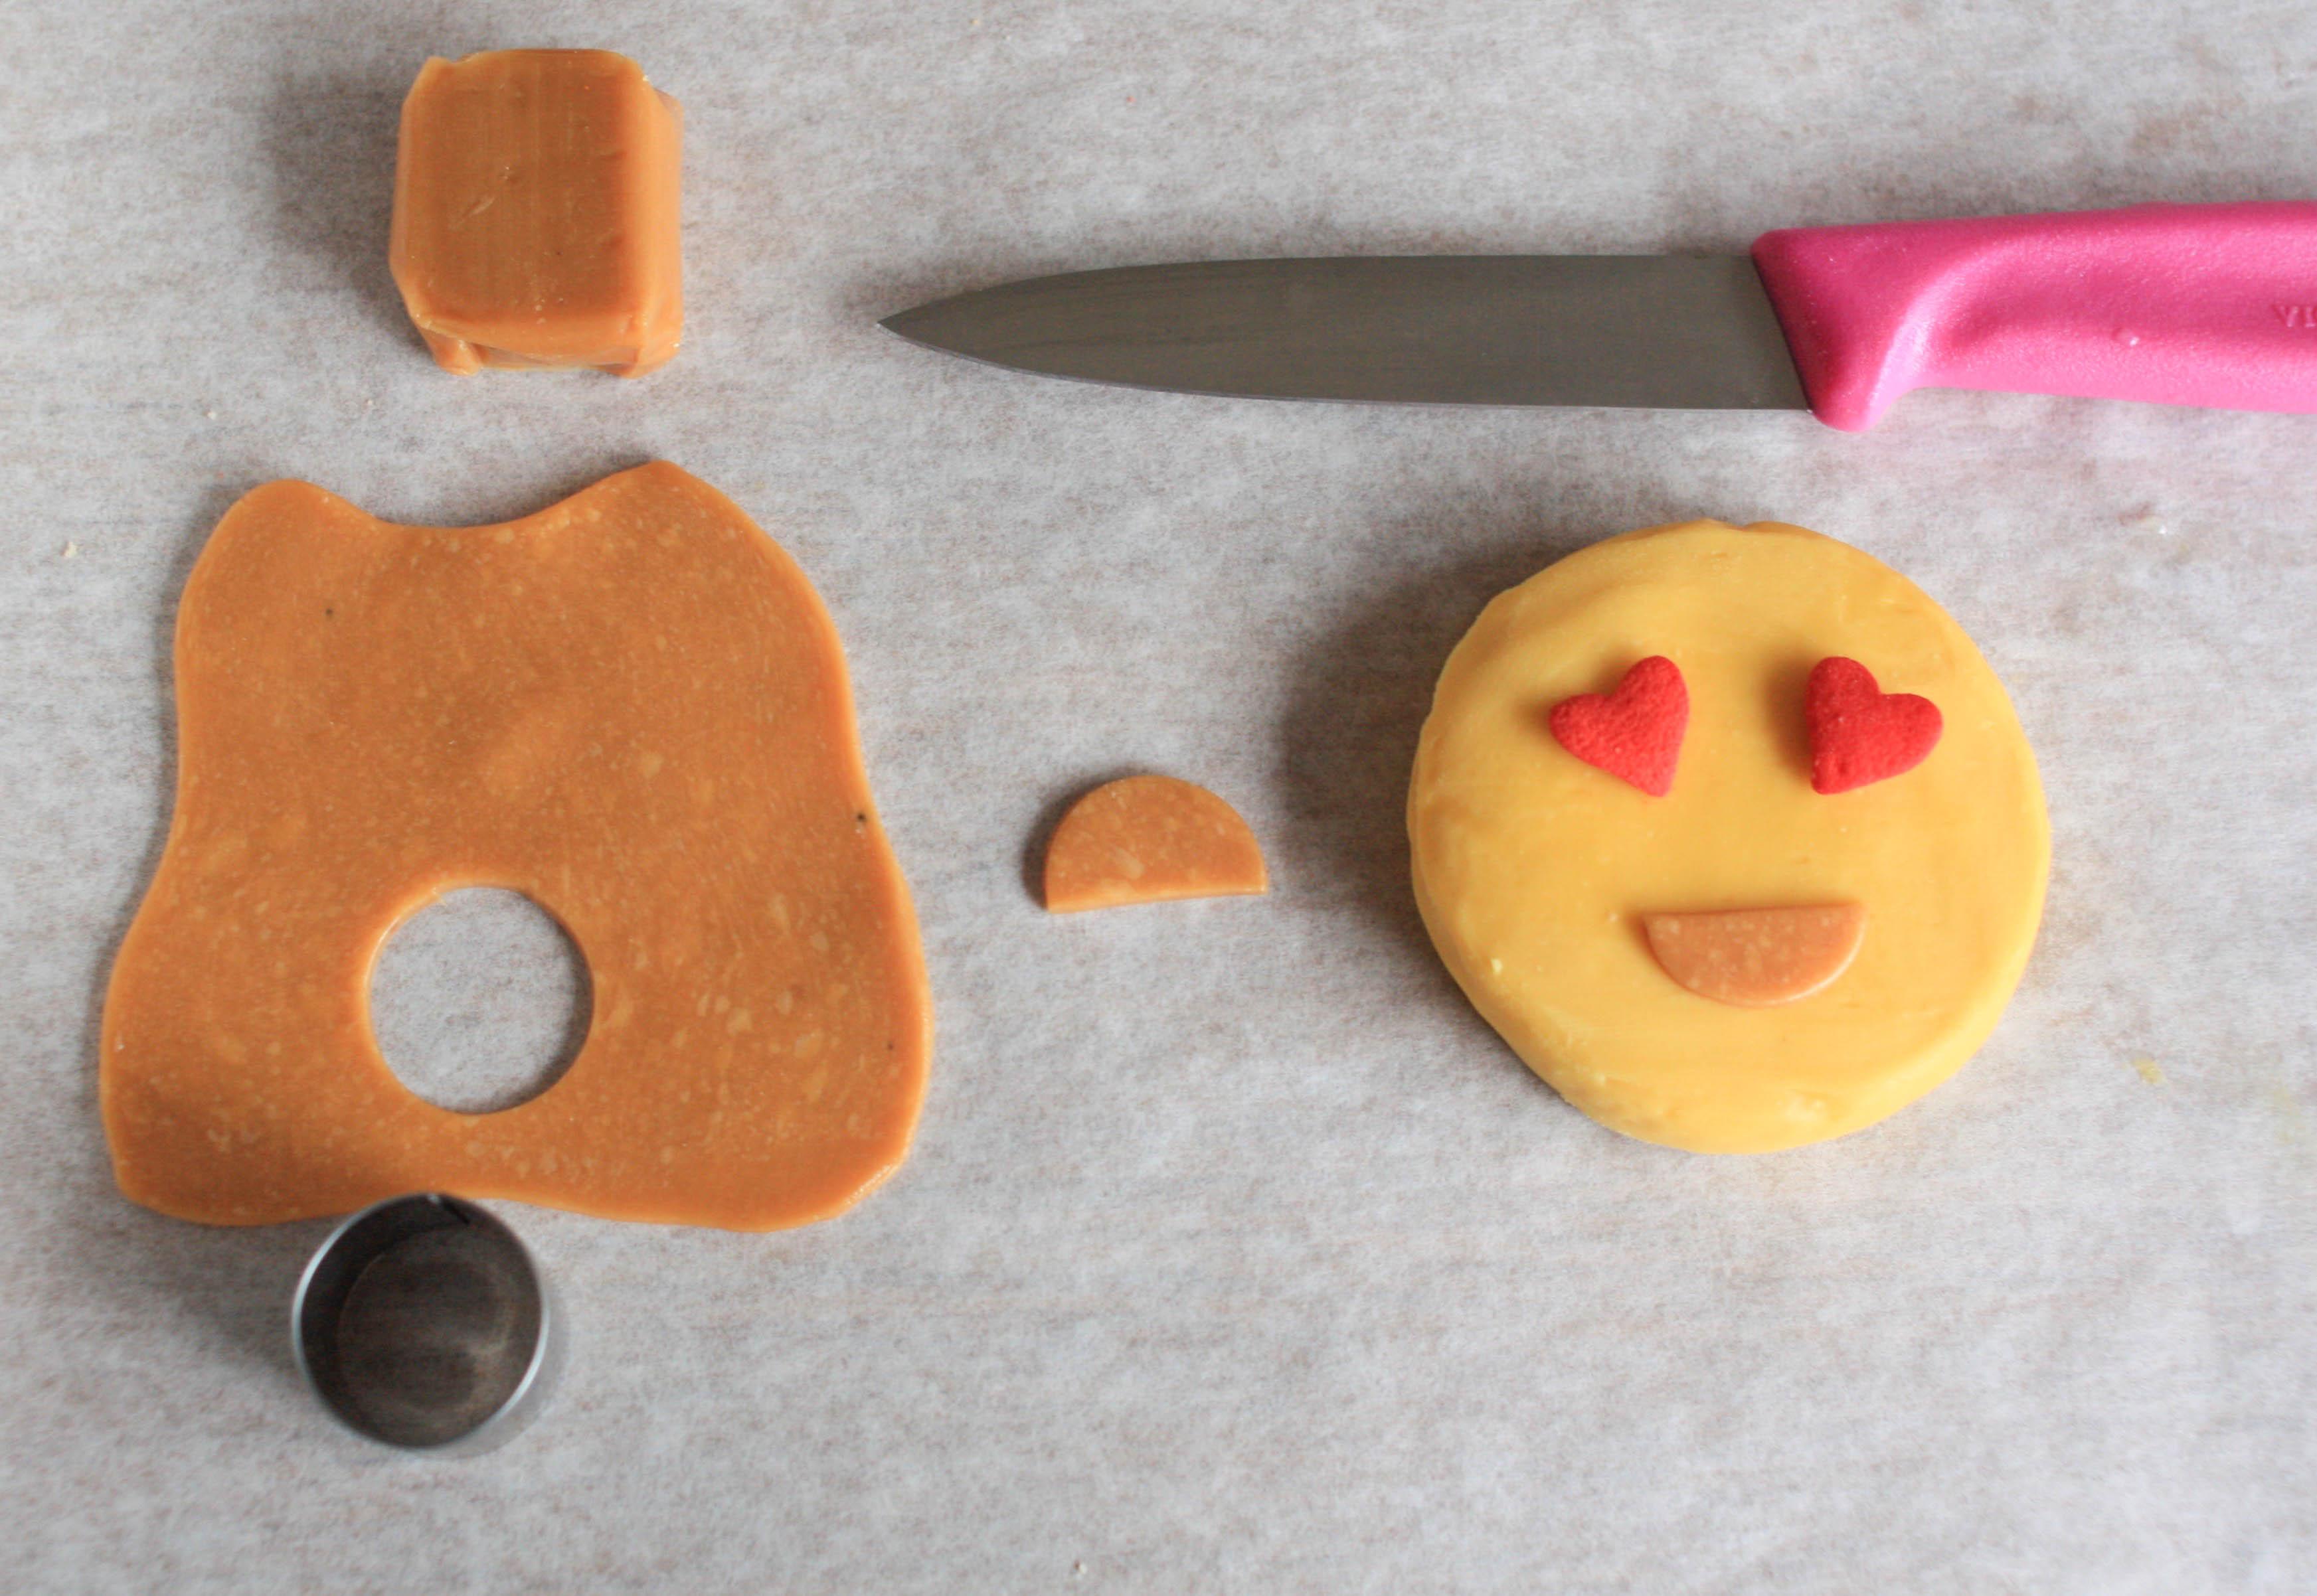 Heart eye emoji | Erin Gardner